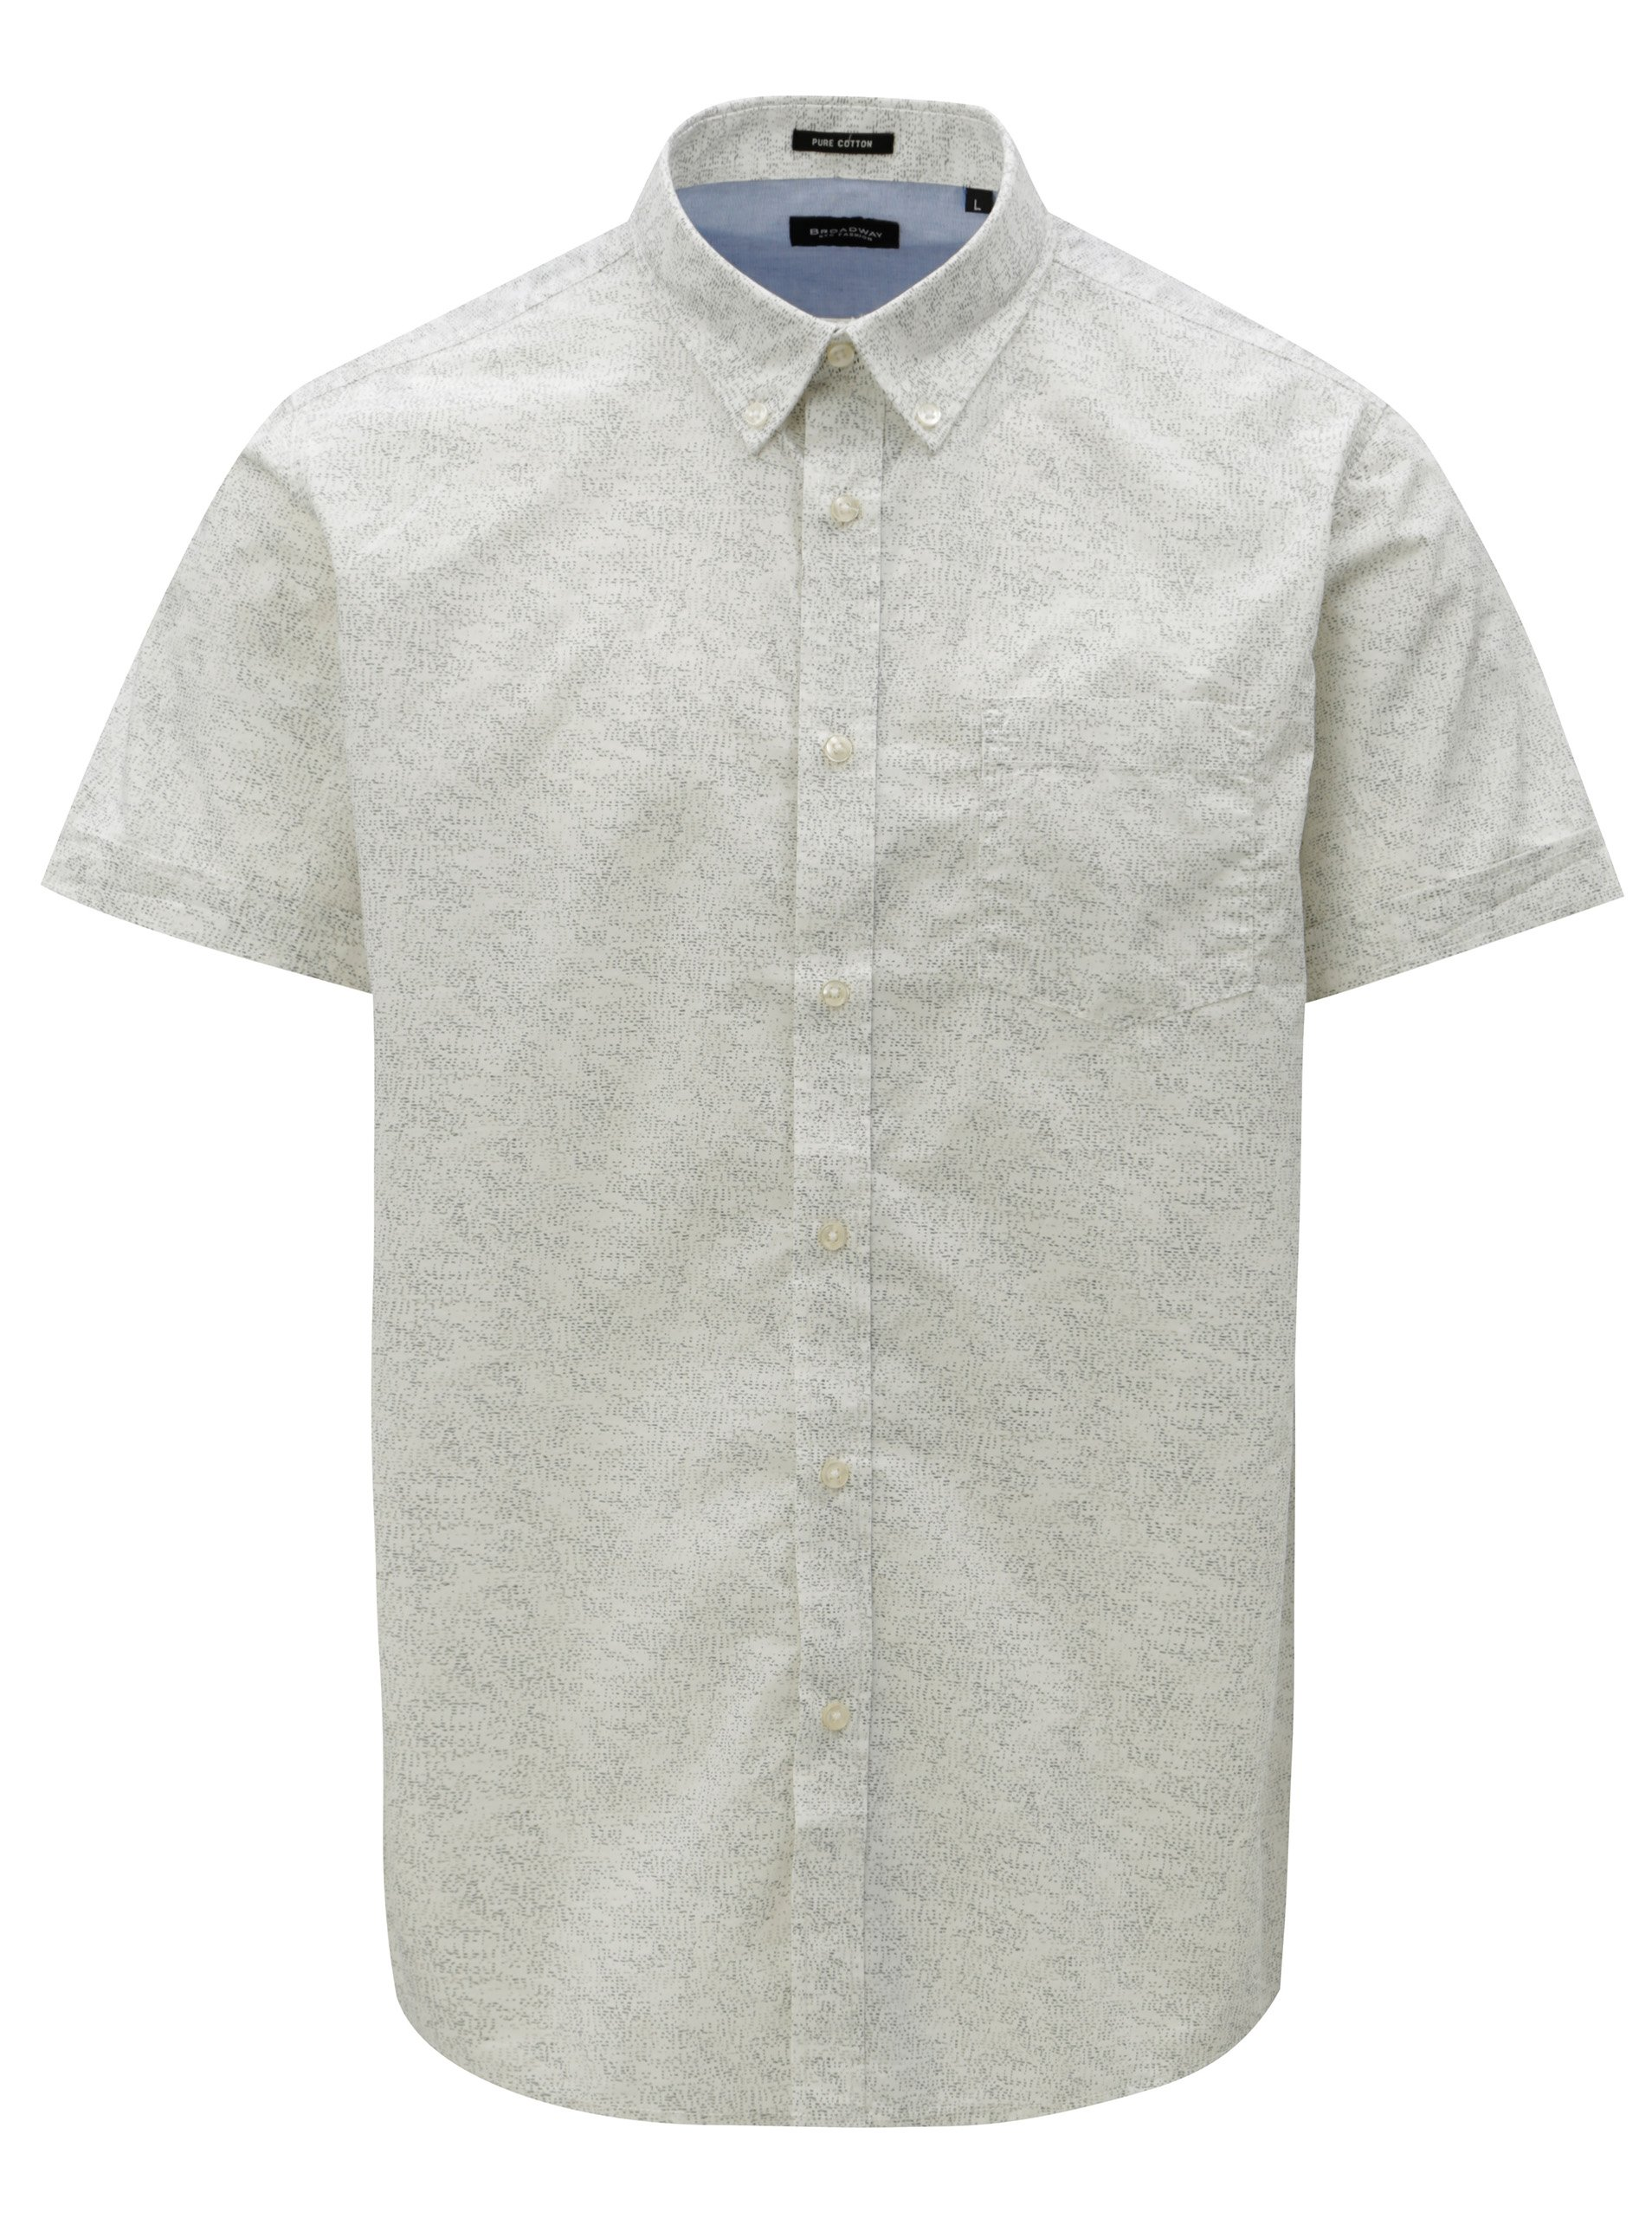 Fotografie Krémová pánská vzorovaná košile s krátkým rukávem Broadway Ewen